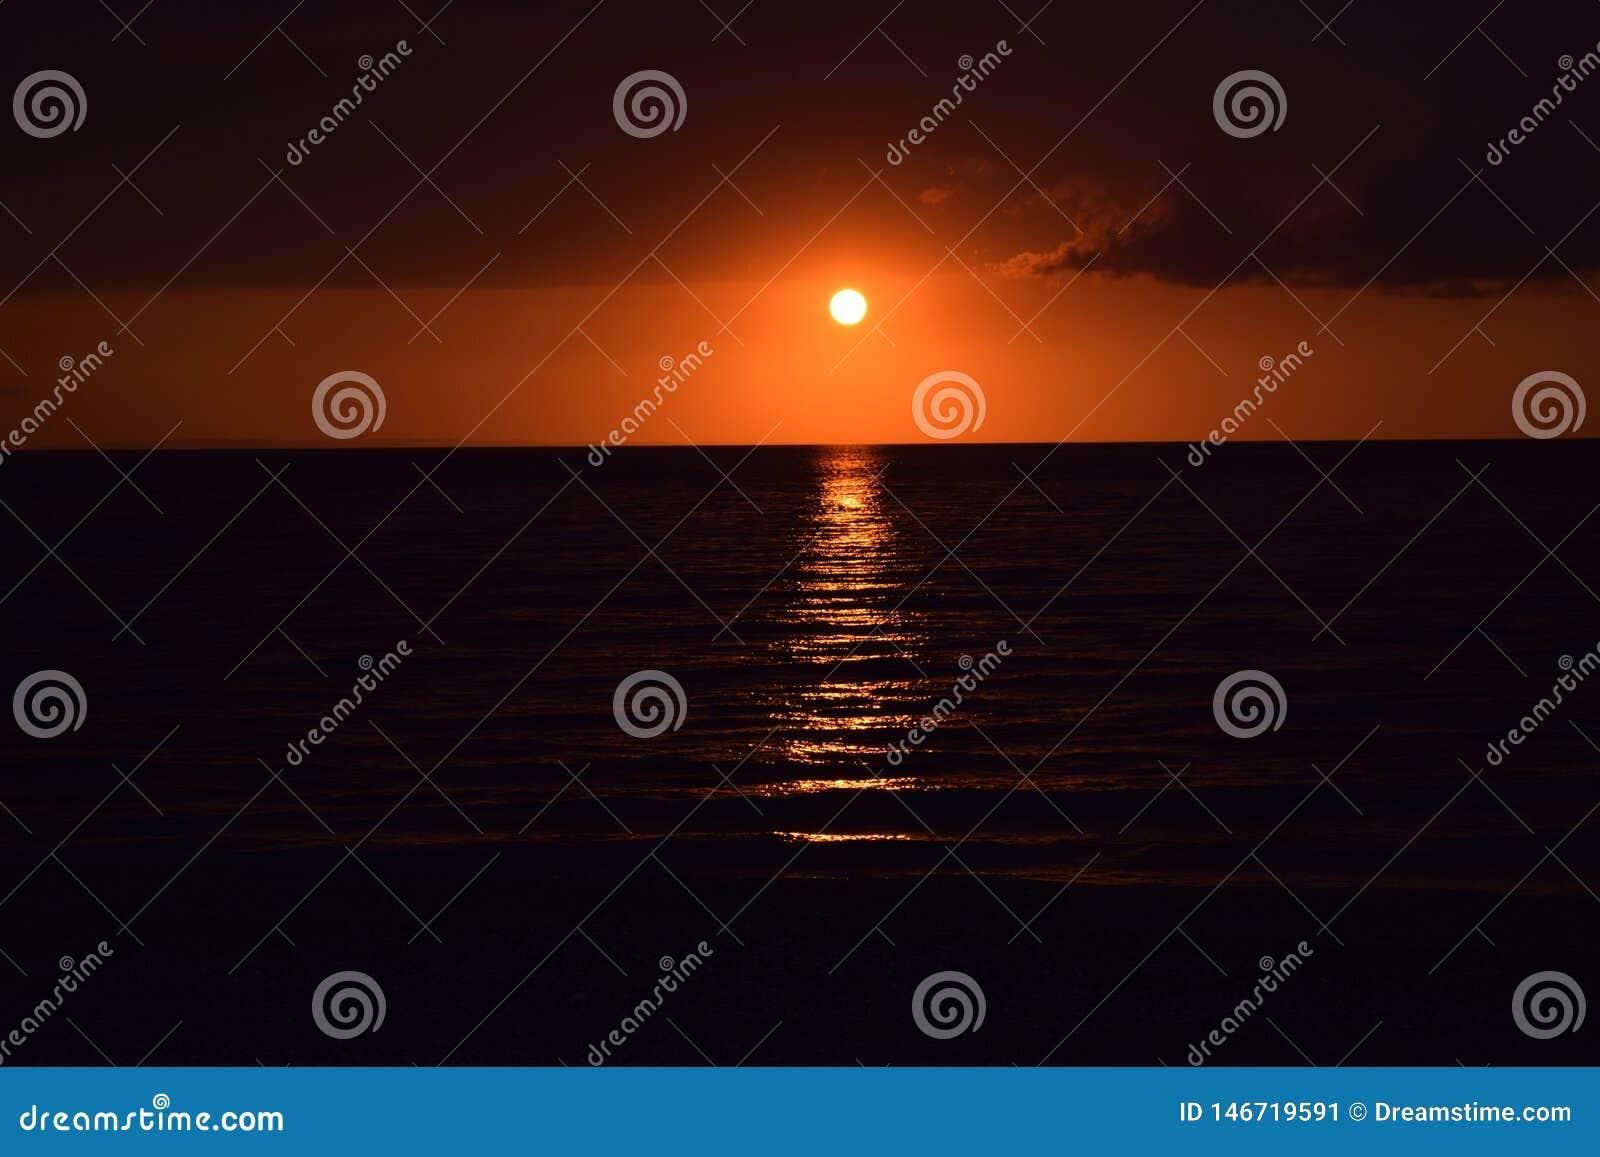 Το ηλιοβασίλεμα είναι η δεύτερη ανατολή